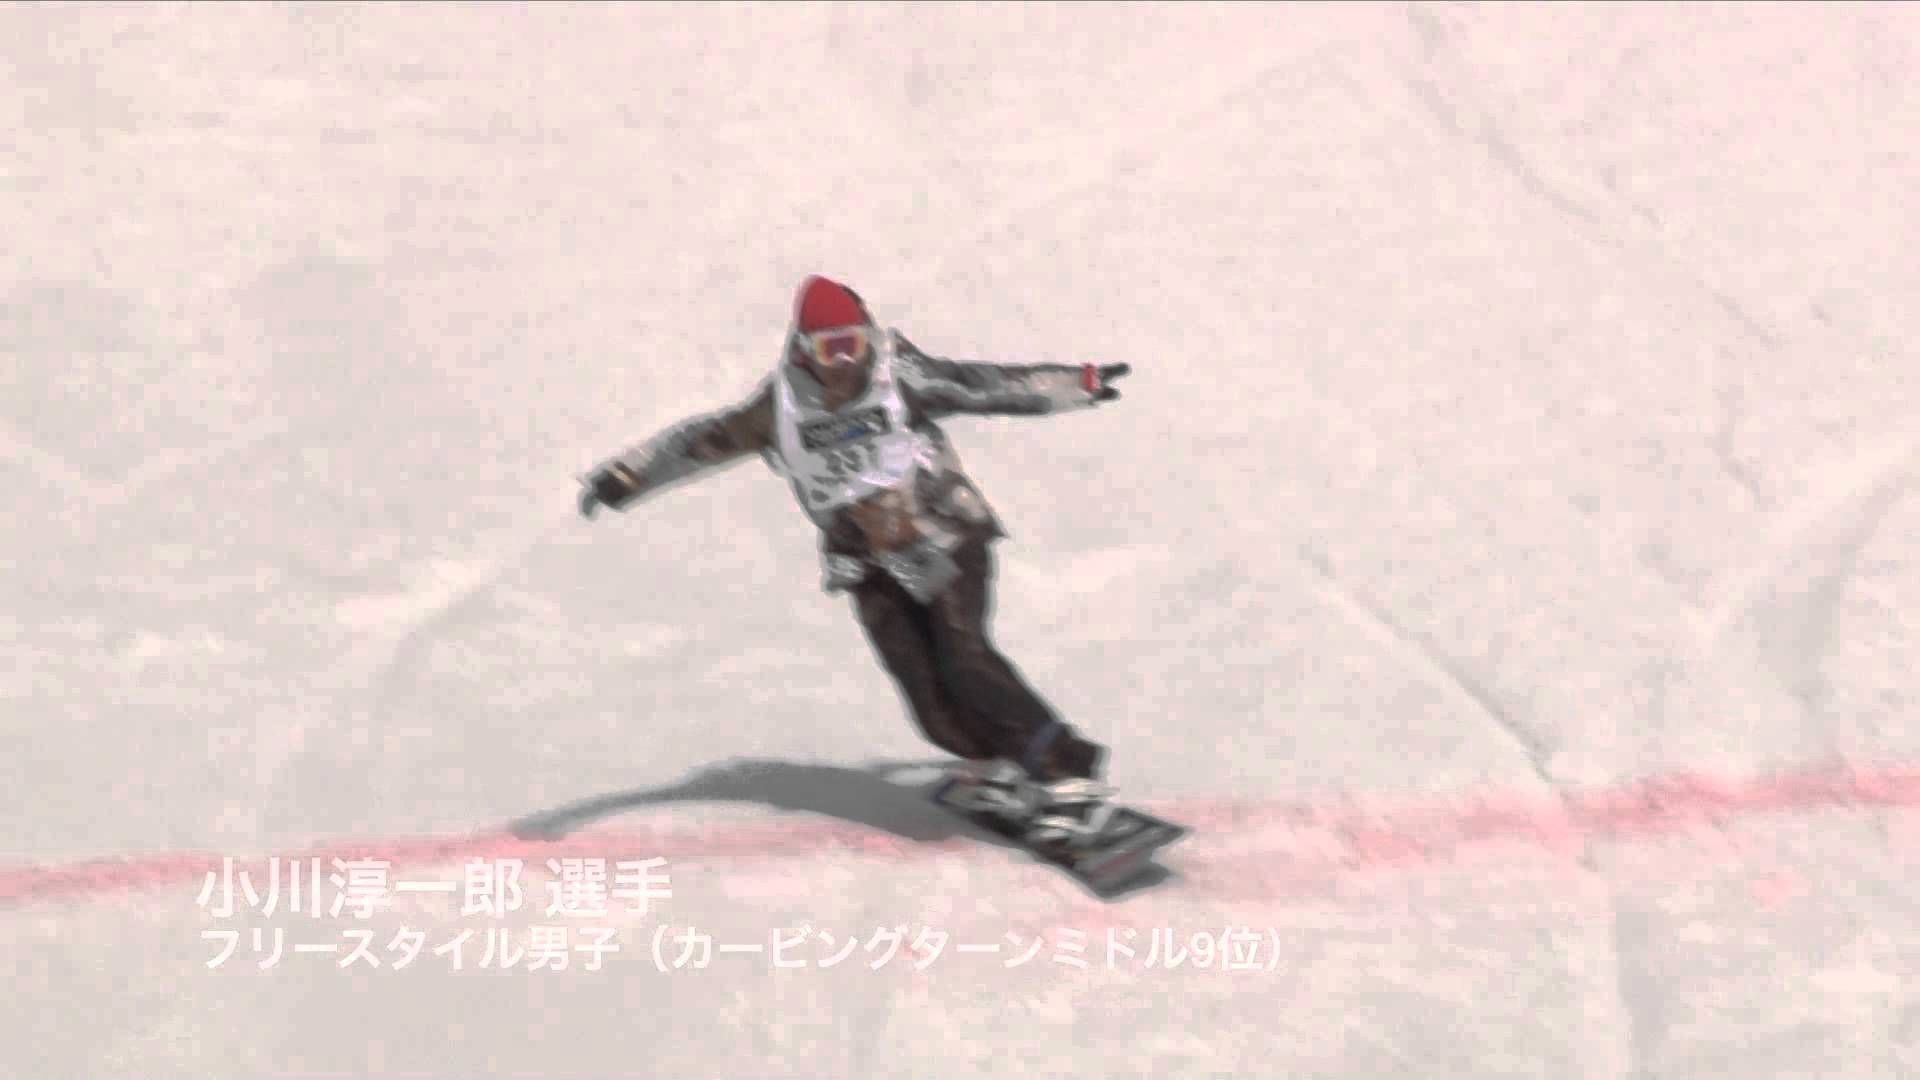 第21回JSBA全日本スノーボードテクニカル選手権大会 大会2日目